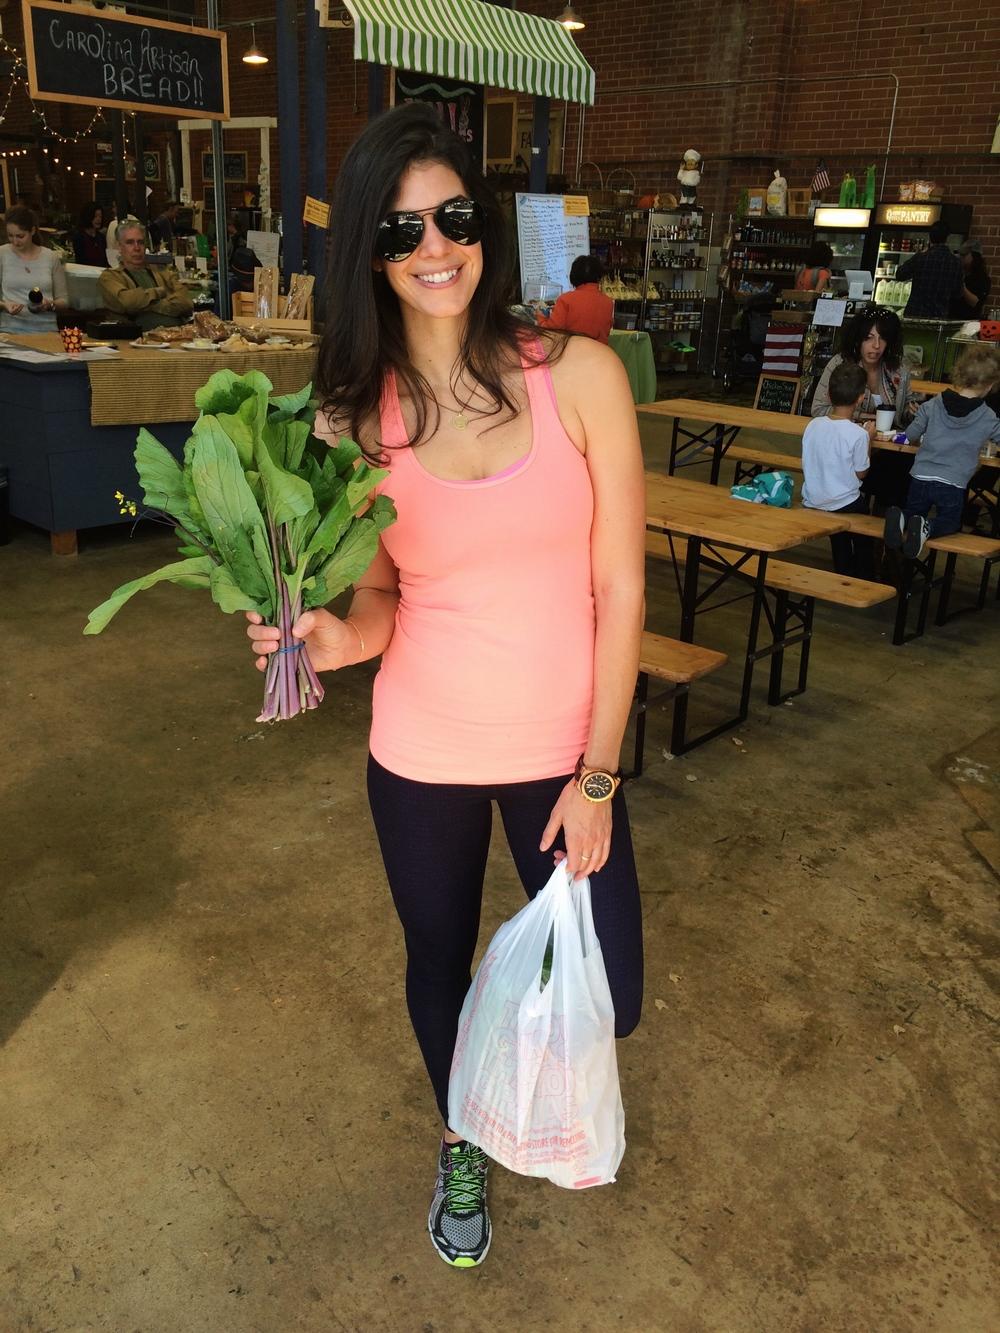 Lauren-Schwaiger-Blog-Atherton-Mill-Market-CLT-ootd-FitnessFashion.jpg